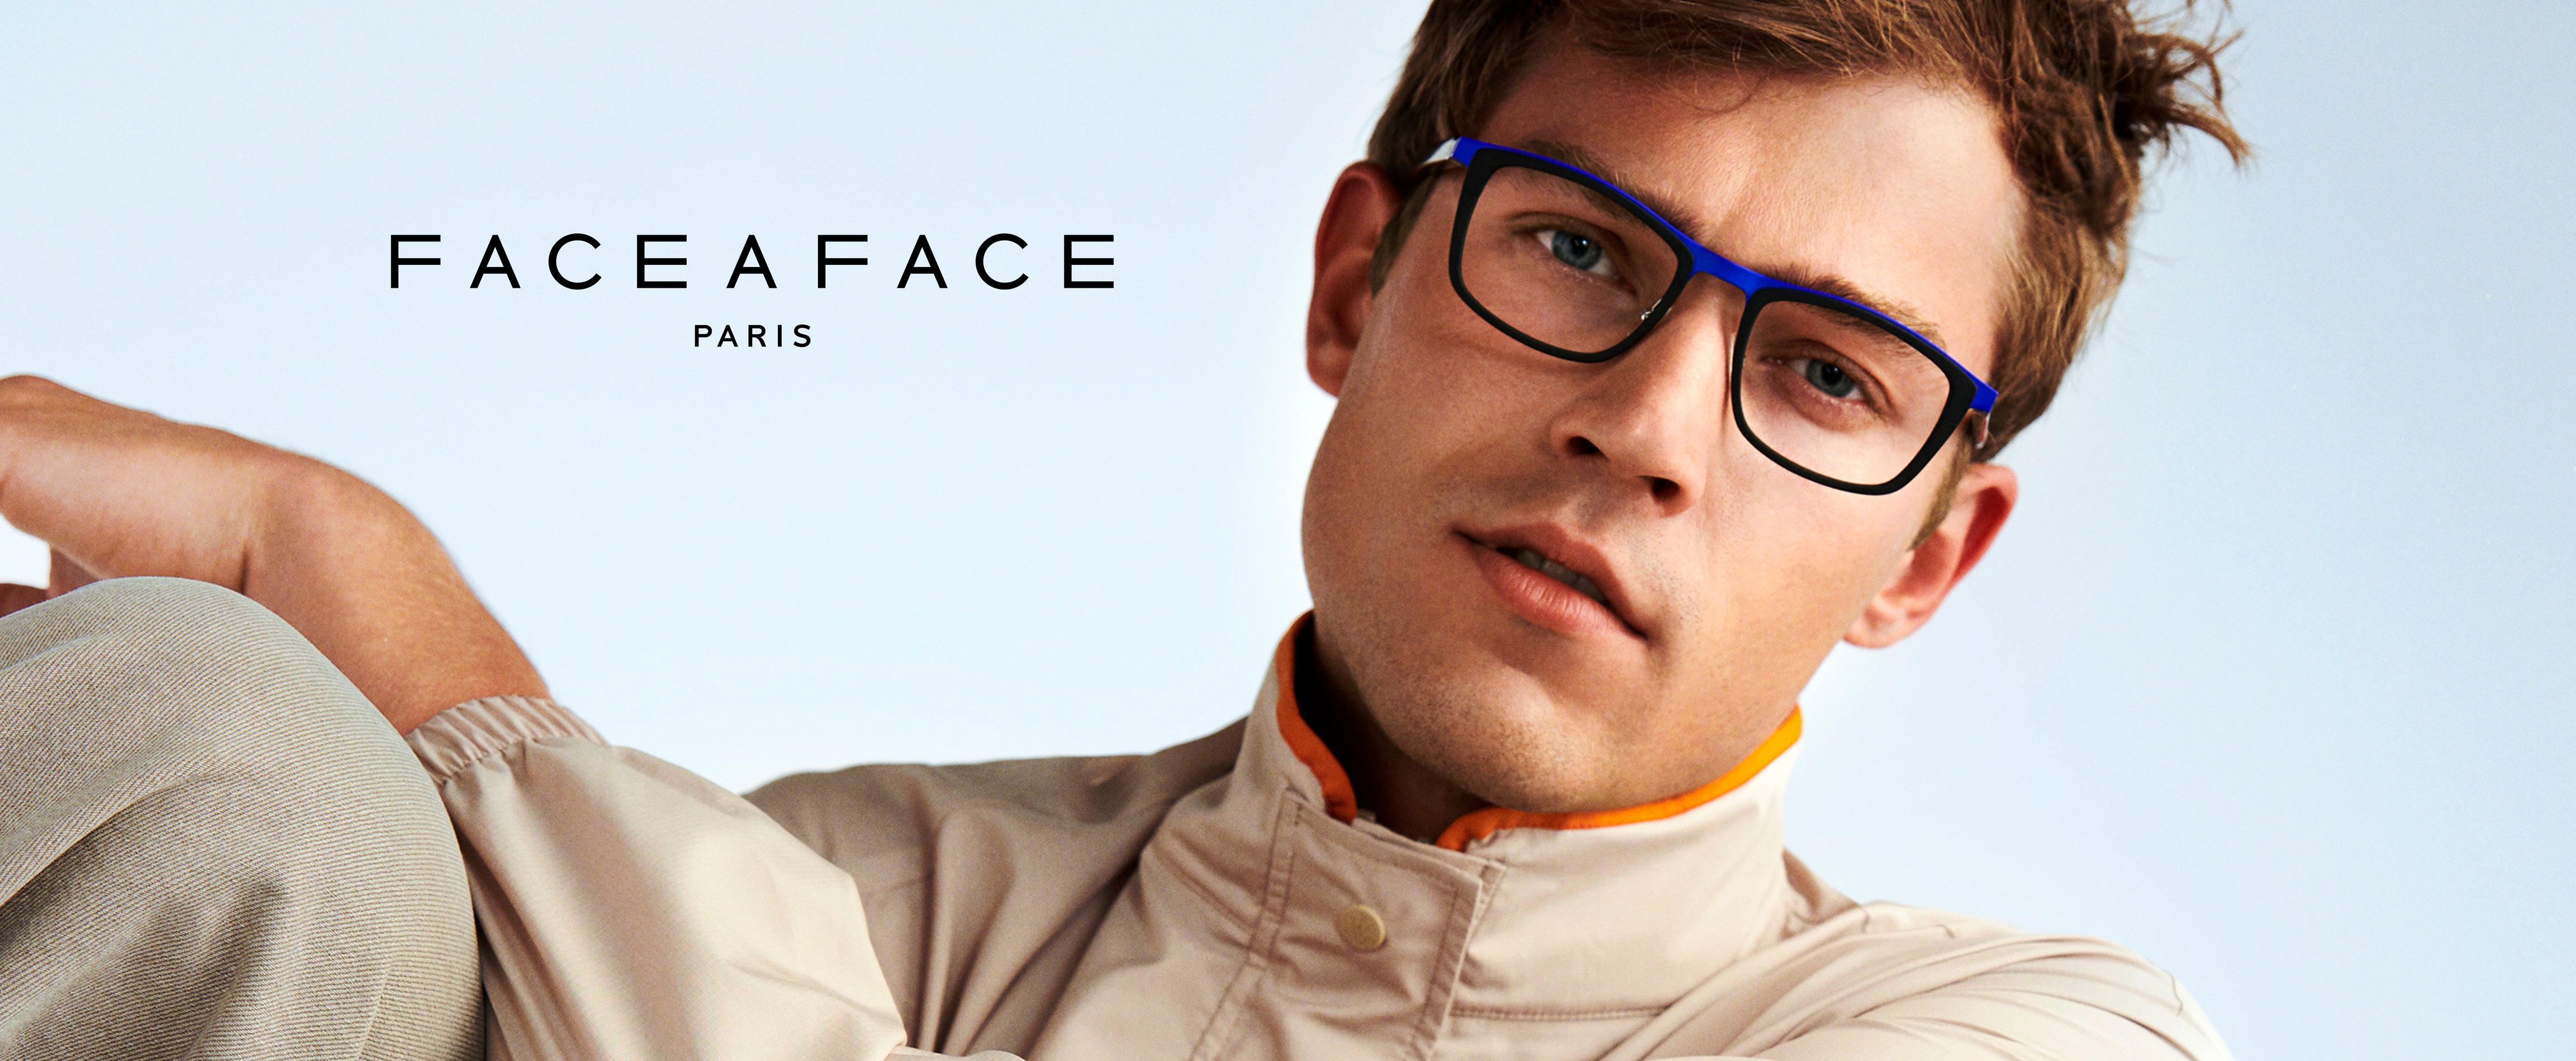 faceaface Paris Mens styles